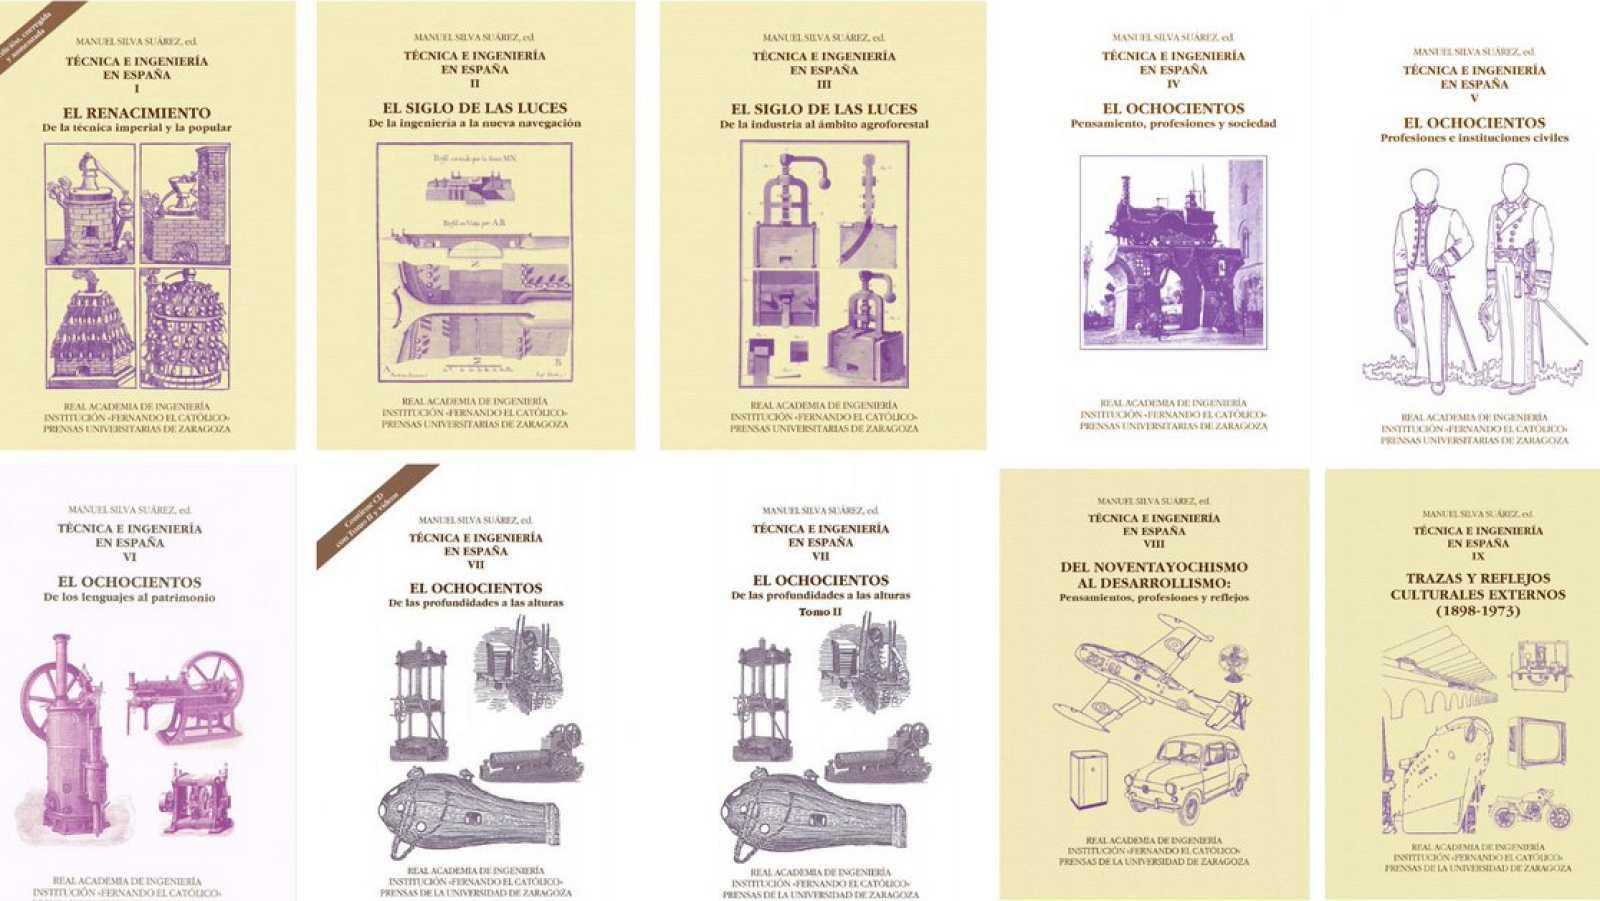 A golpe de bit - Historia de la técnica y la ingeniería en España - 14/05/21 - escuchar ahora